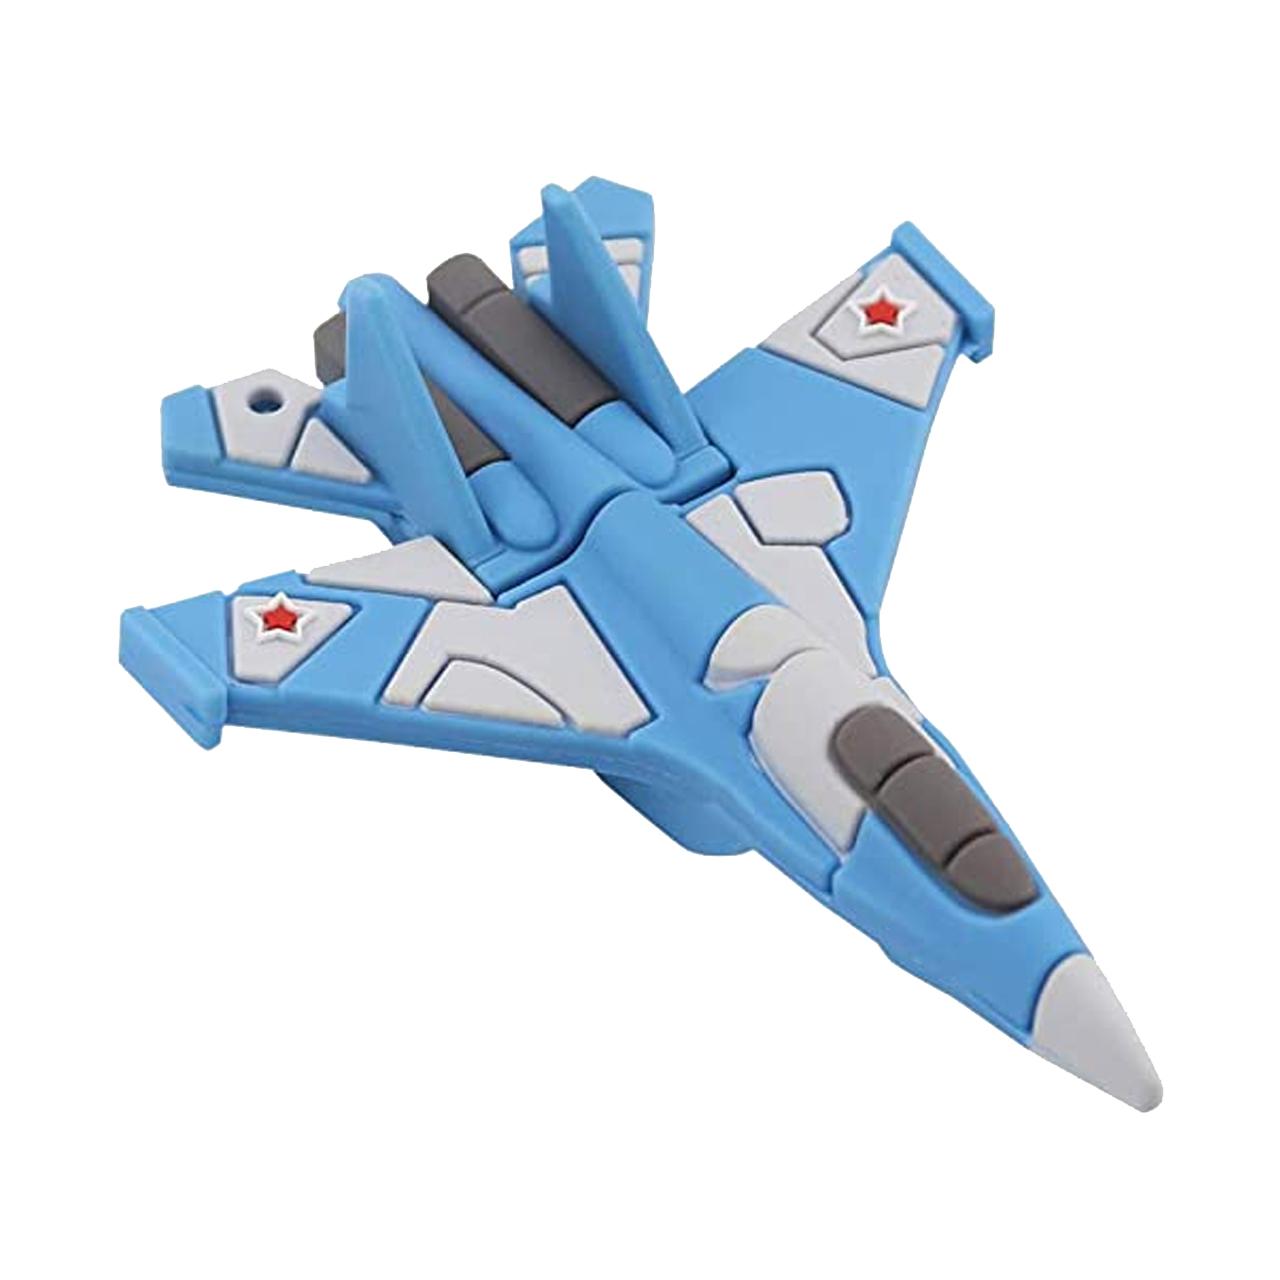 بررسی و خرید [با تخفیف]                                     فلش مموری طرح هواپیمای جنگنده مدل DPL1205 ظرفیت 128 گیگابایت                             اورجینال